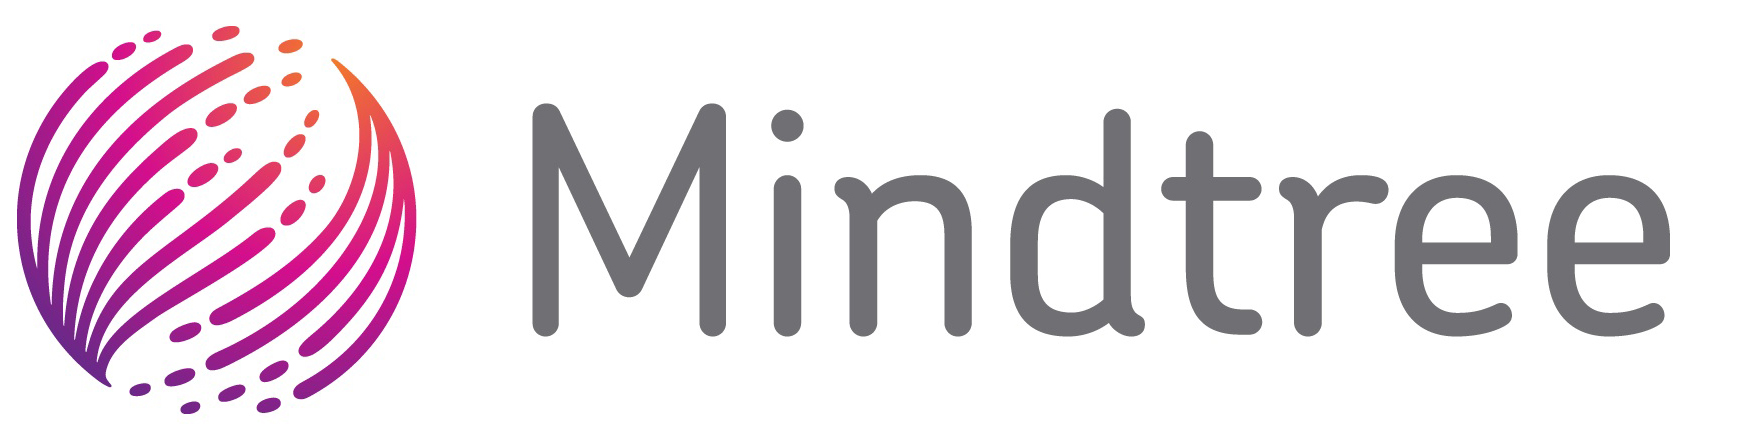 Mindtree_color copy